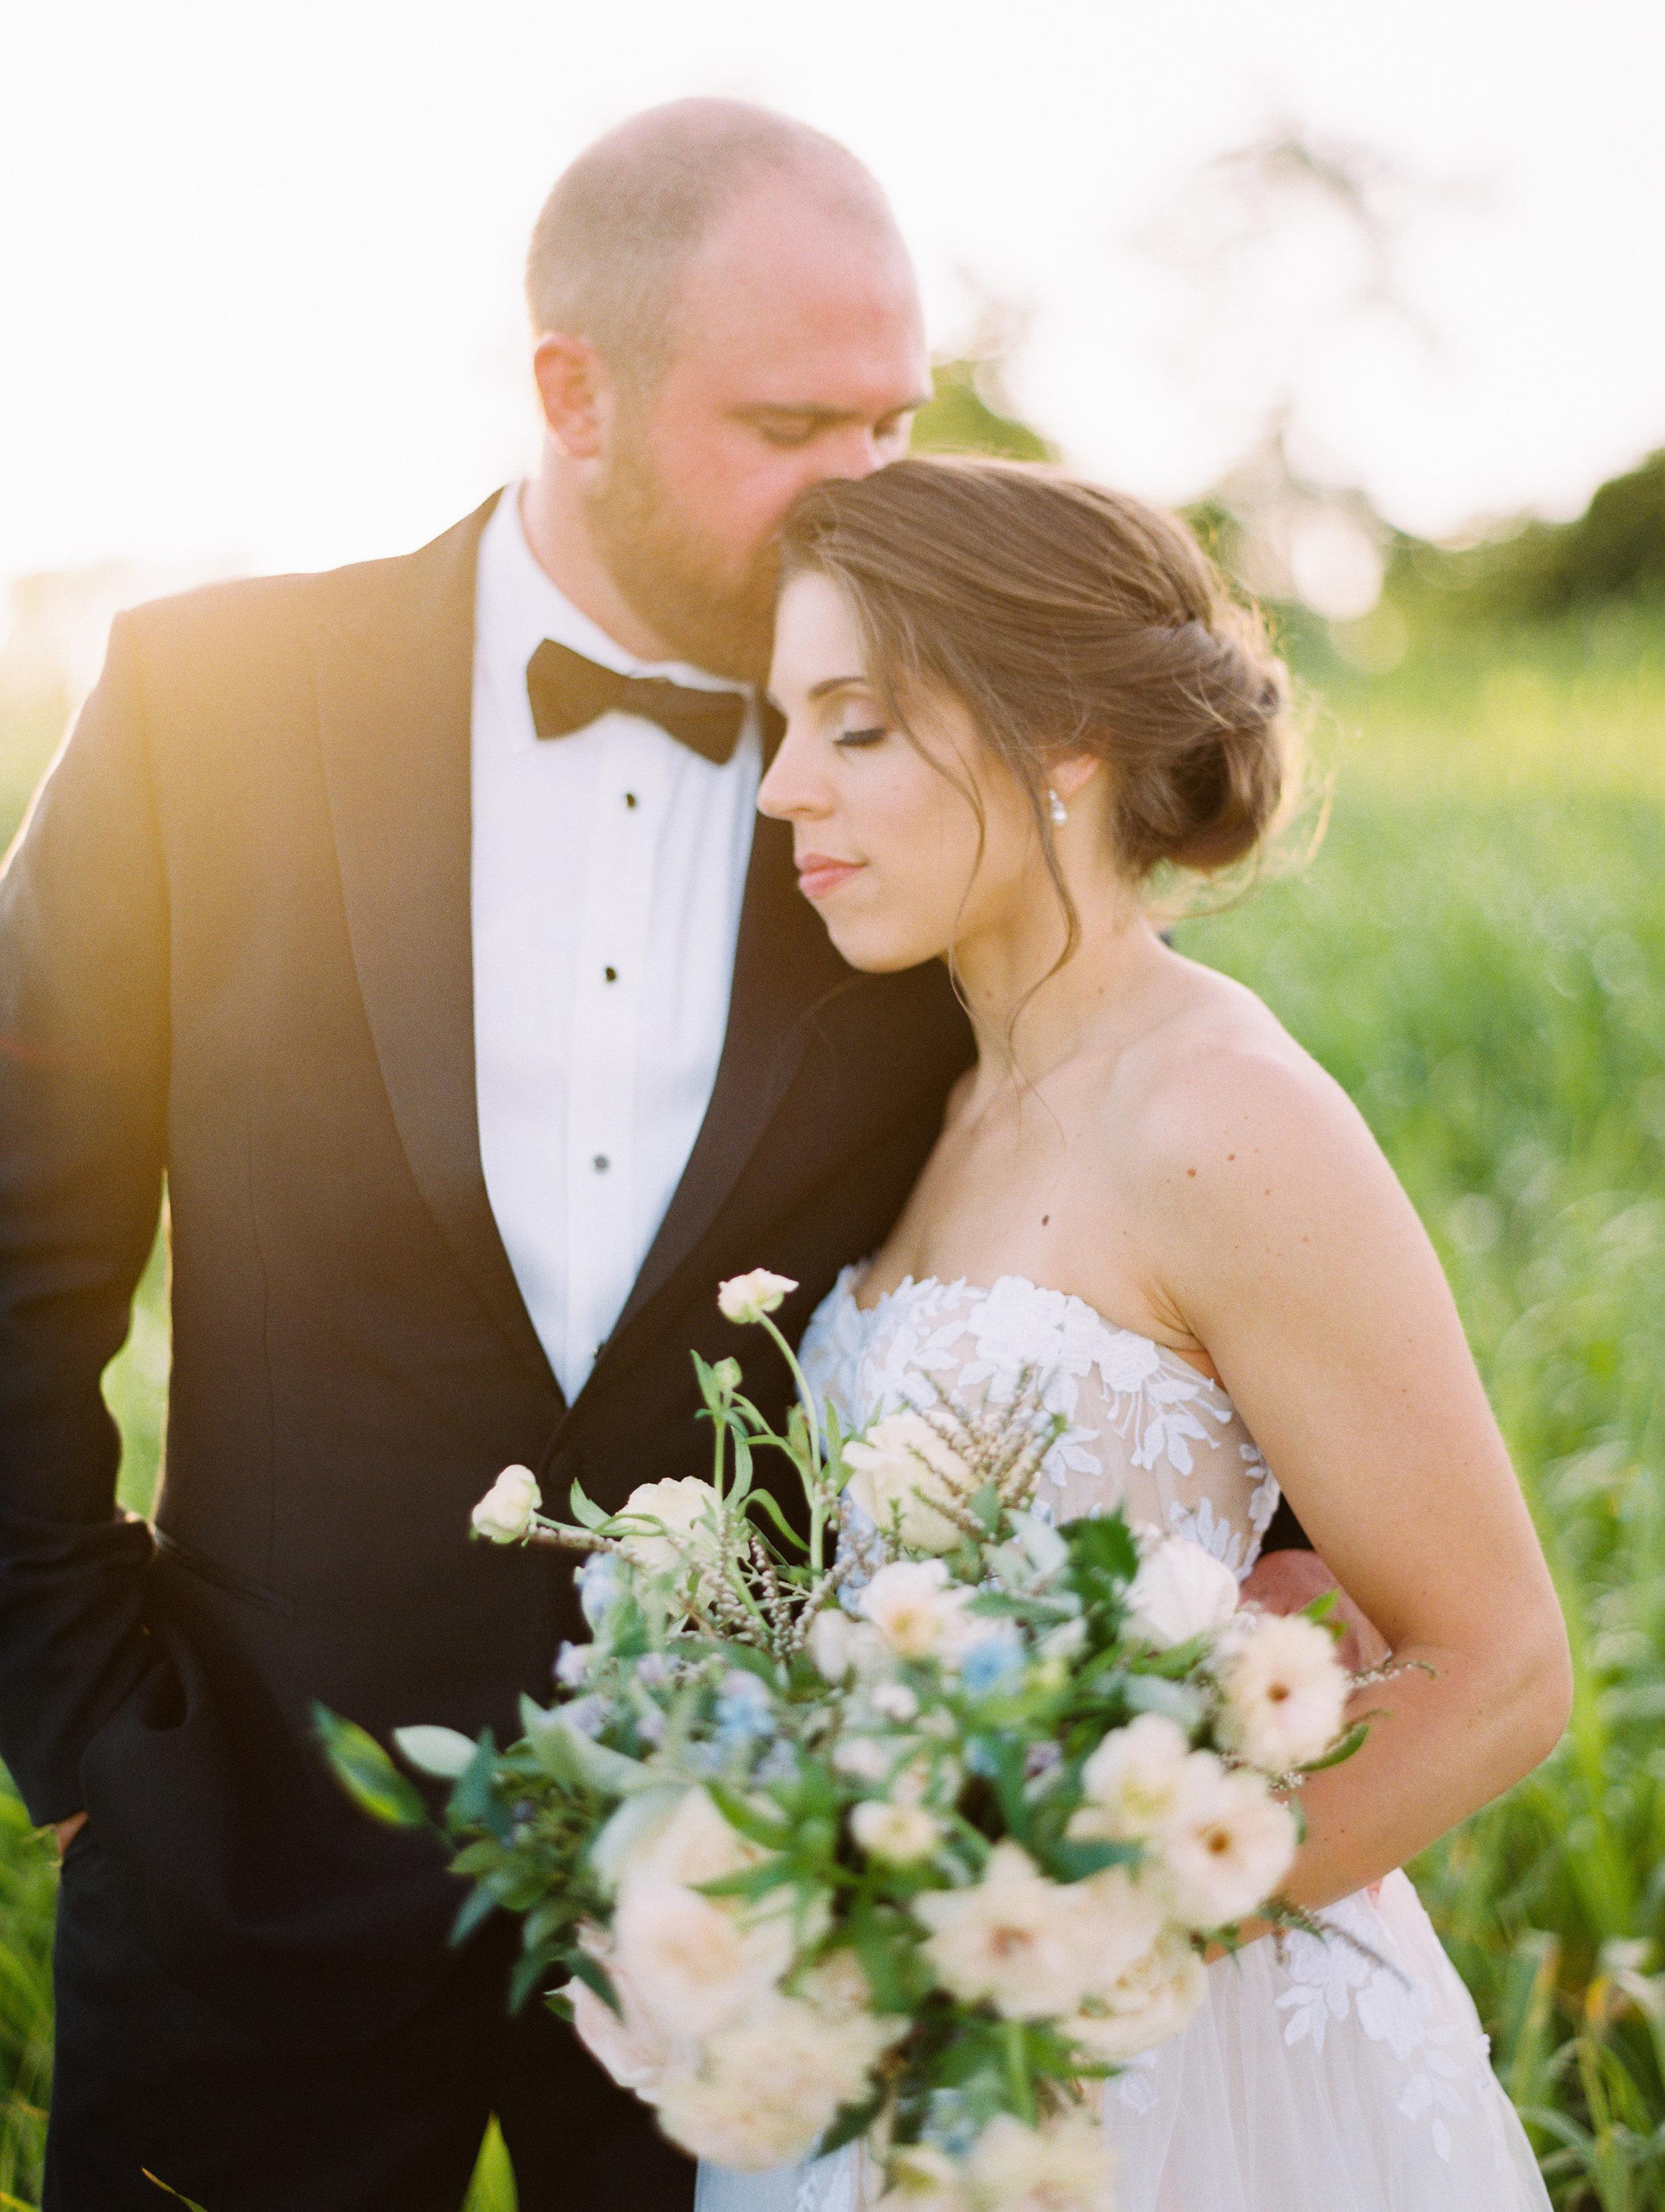 Steinlage+Wedding+Reception+Bride+Groom-42.jpg